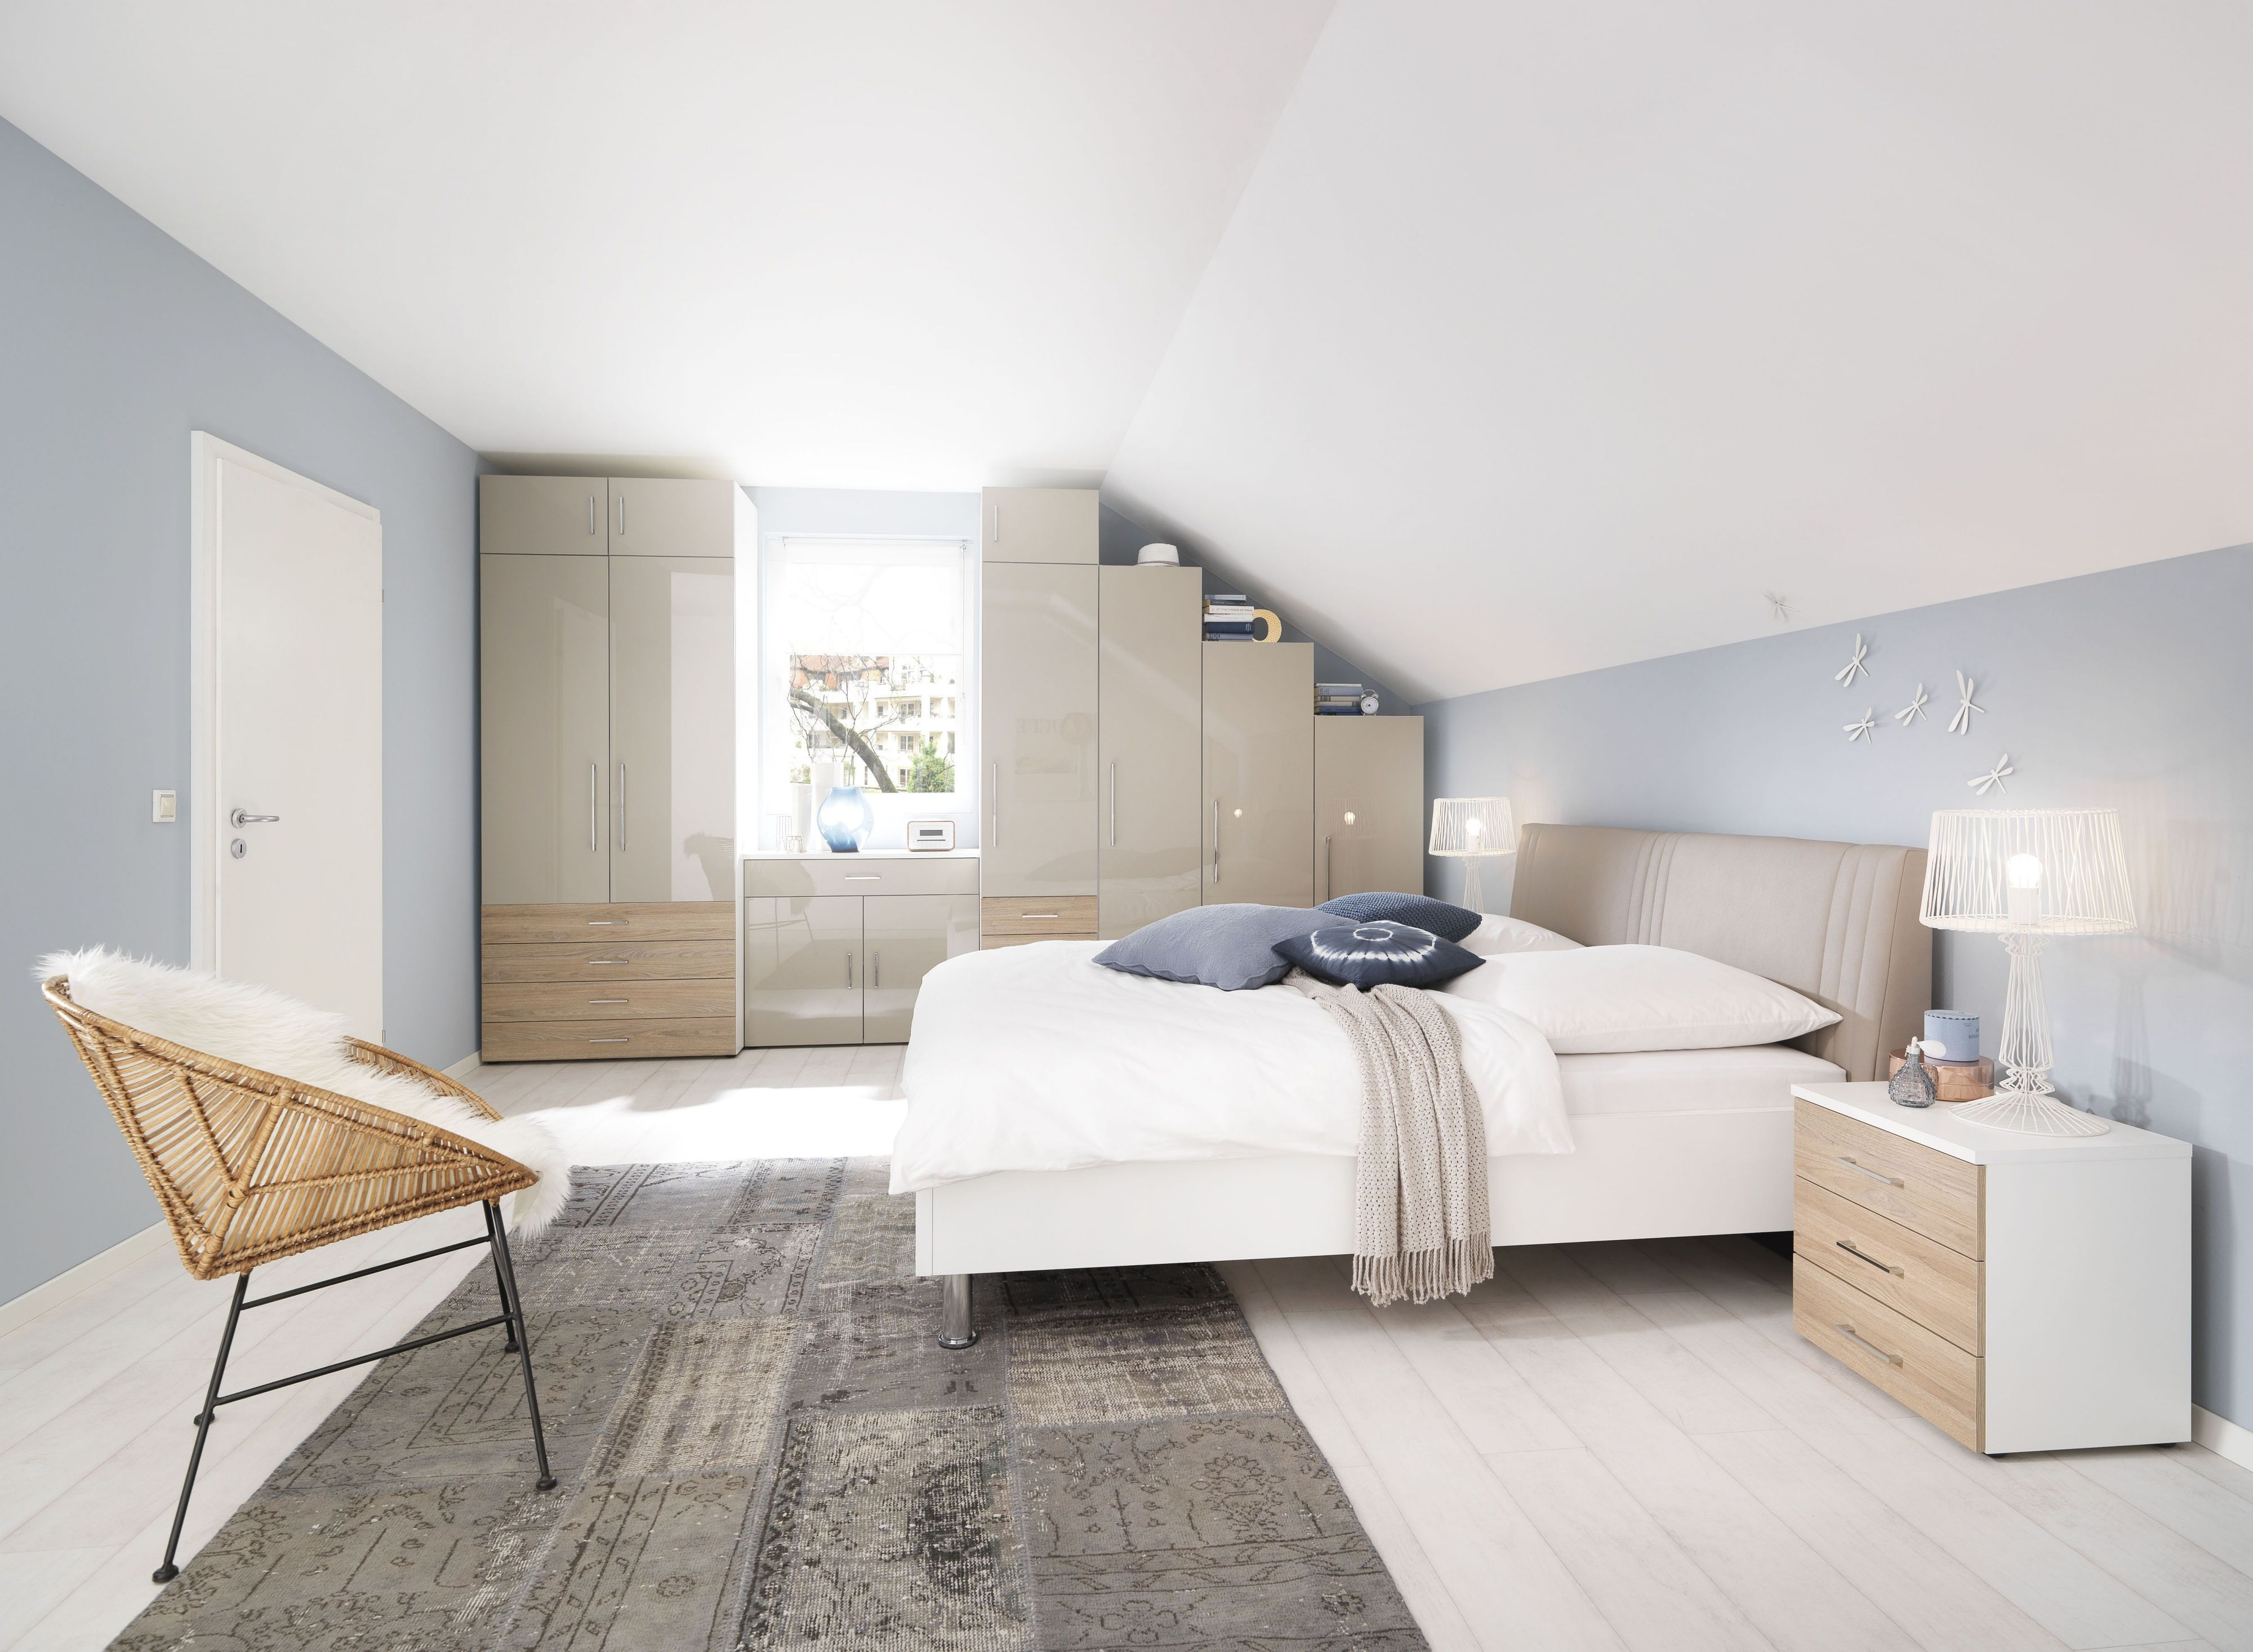 Schlafzimmer Komplett Alpinweiss Front Sandgrau Hochglanz Lackiert/  Wildeiche Struktur Nachbildung Woody 204 00160 Holz Modern Jetzt Bestellen  Unter: ...